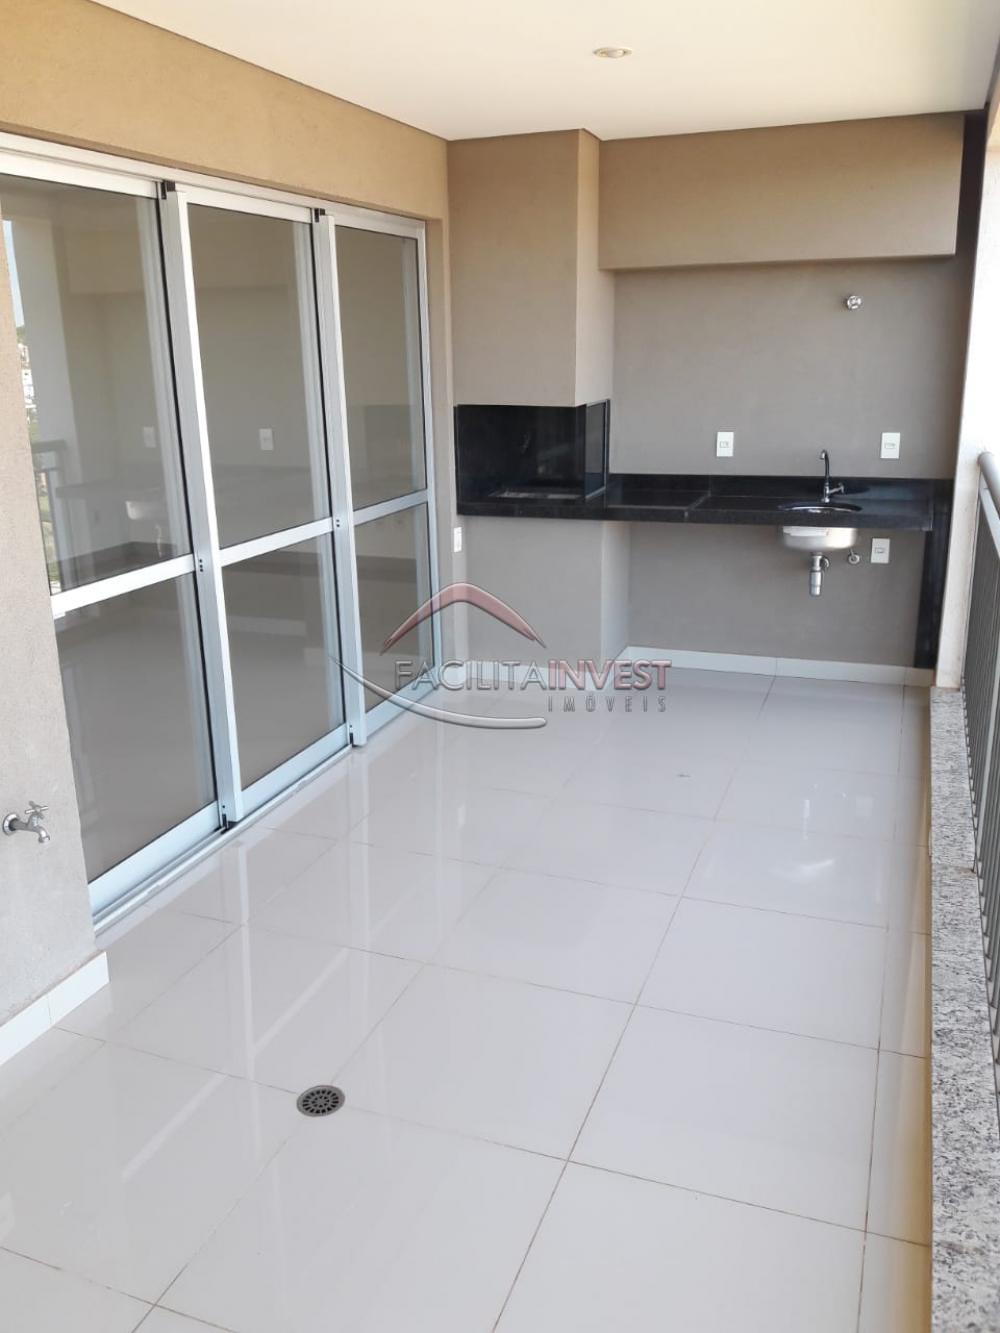 Comprar Apartamentos / Apart. Padrão em Ribeirão Preto apenas R$ 747.560,31 - Foto 2